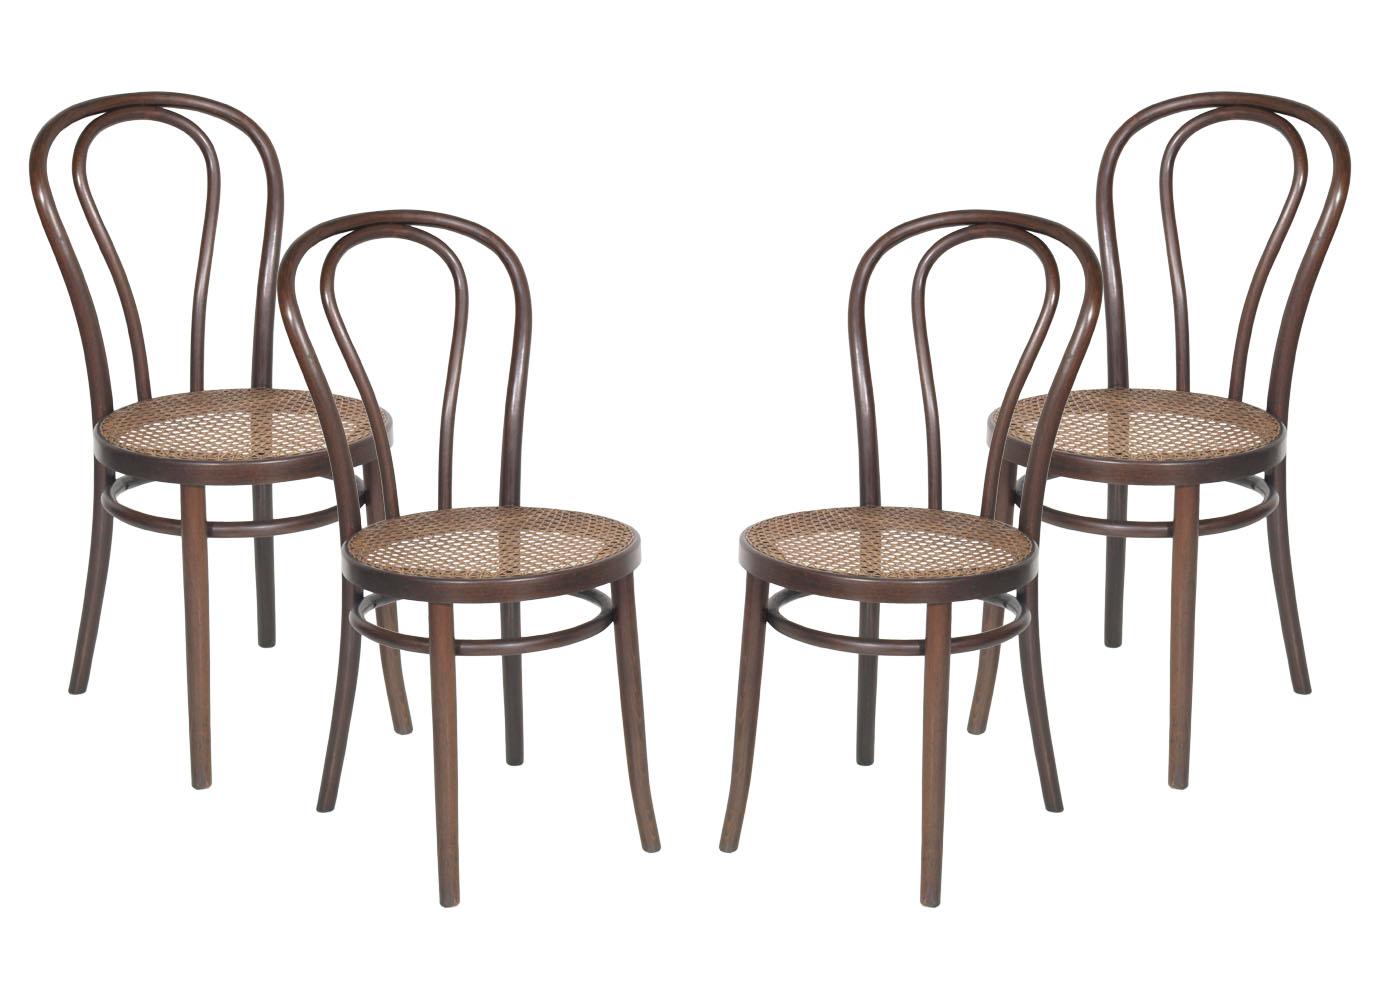 Set quattro sedie thonet in faggio curvato paglia di vienna restaurate ma r59 ebay - Sedia thonet originale ...